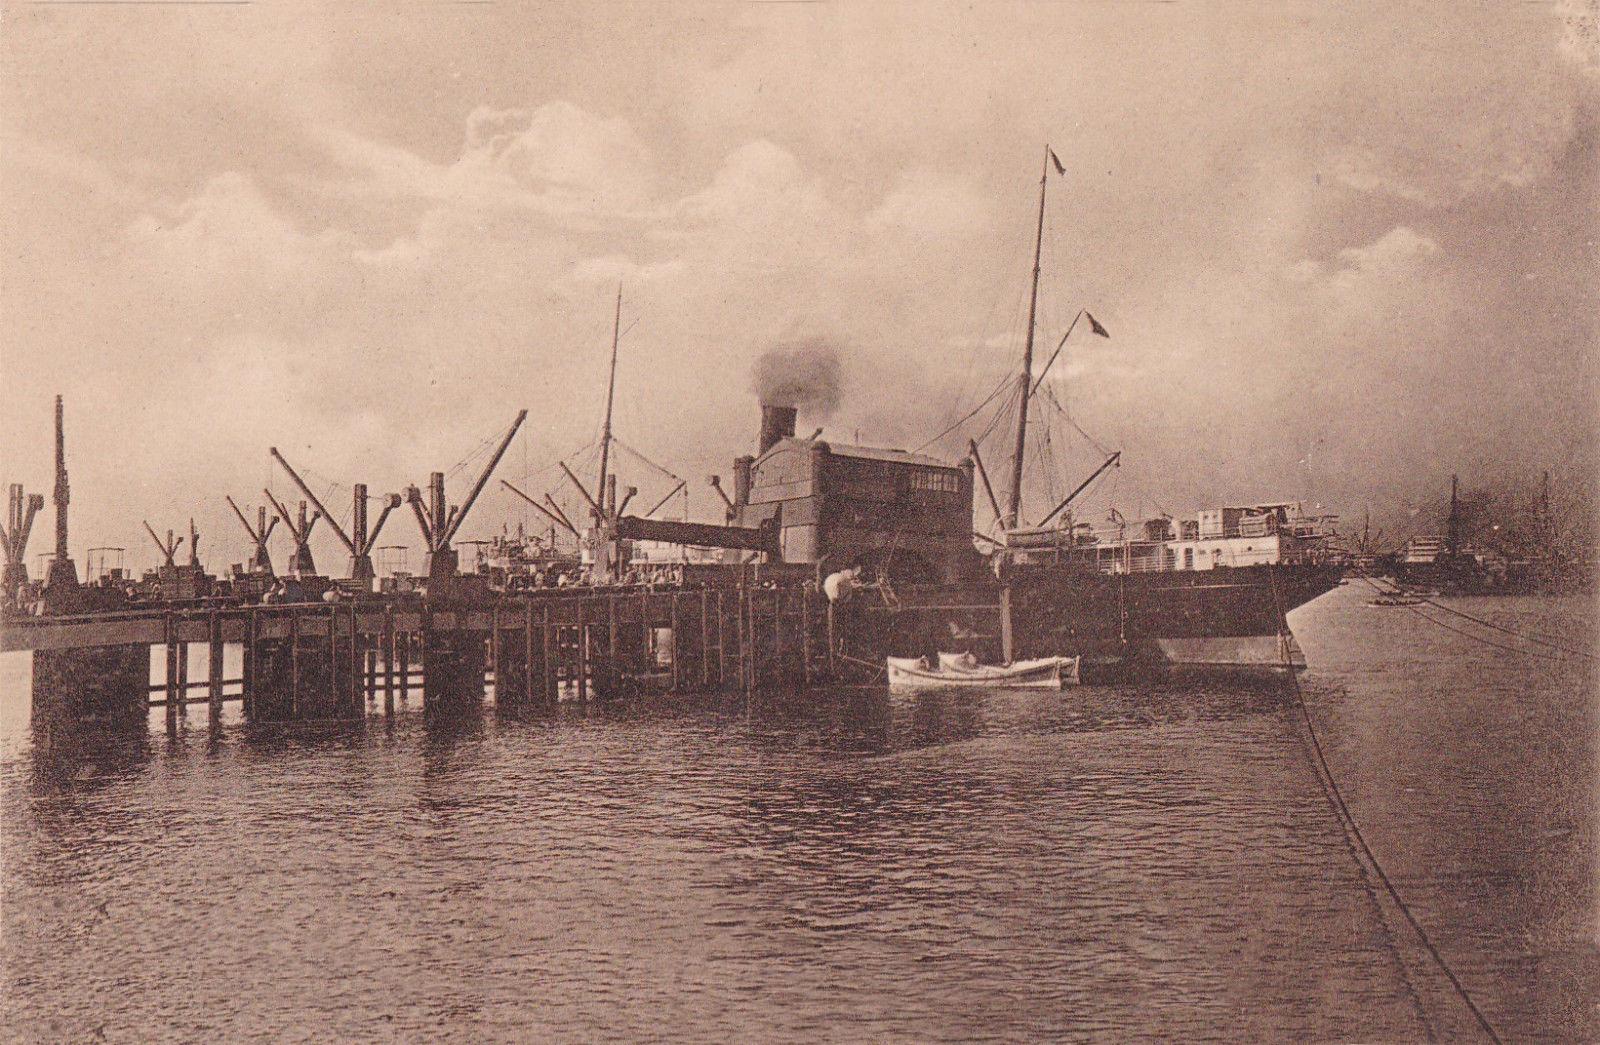 Enterreno - Fotos históricas de chile - fotos antiguas de Chile - Grúa Fiscal de Valparaíso destruida por el terremoto de 1906